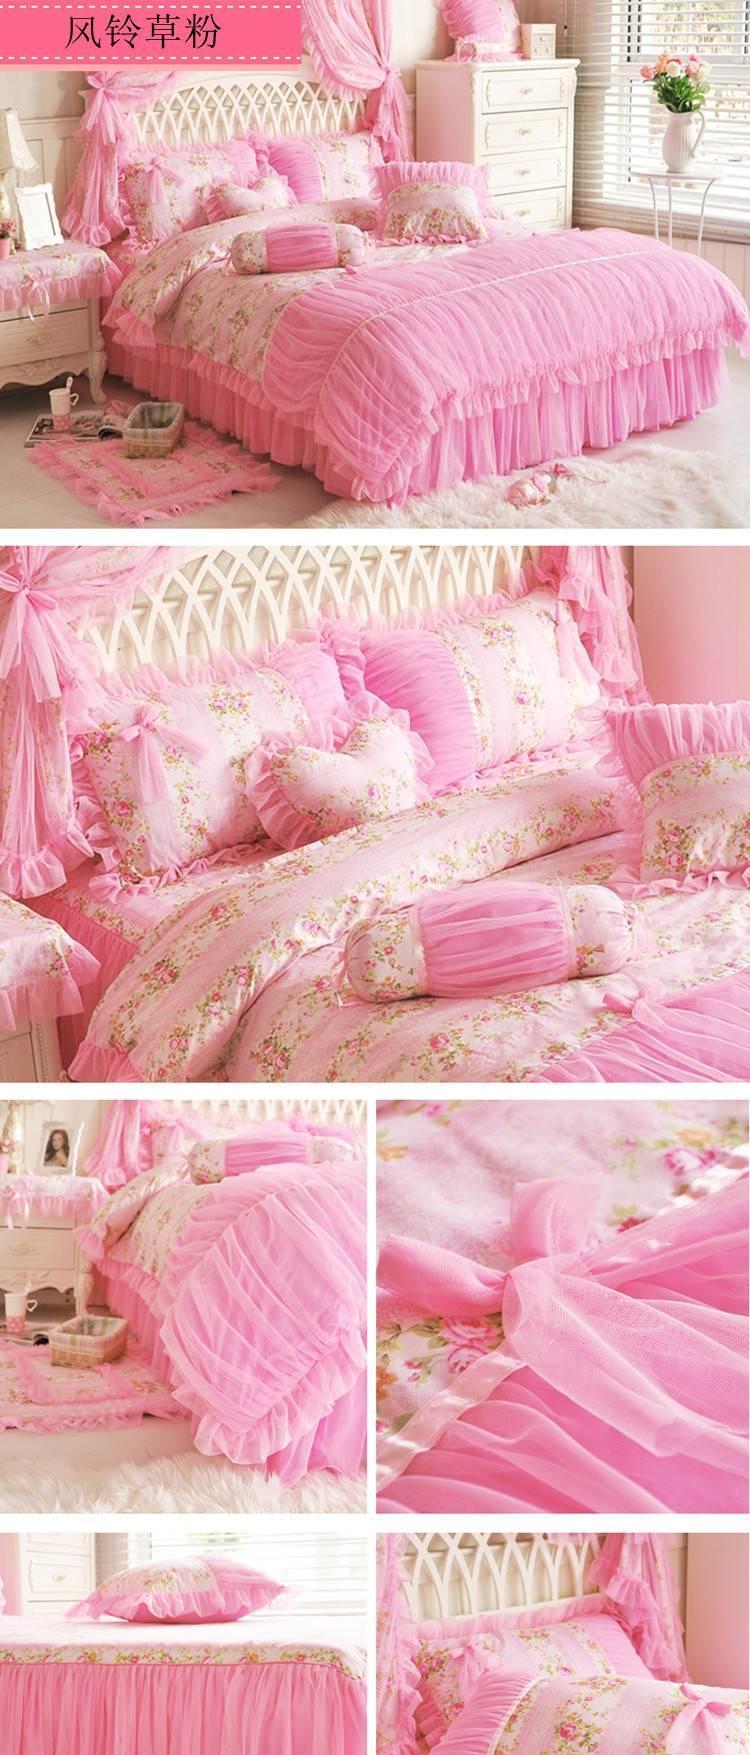 韩式全棉家纺蕾丝公主粉色梦幻三四件套韩版纯棉被套床裙婚庆家纺示例图8